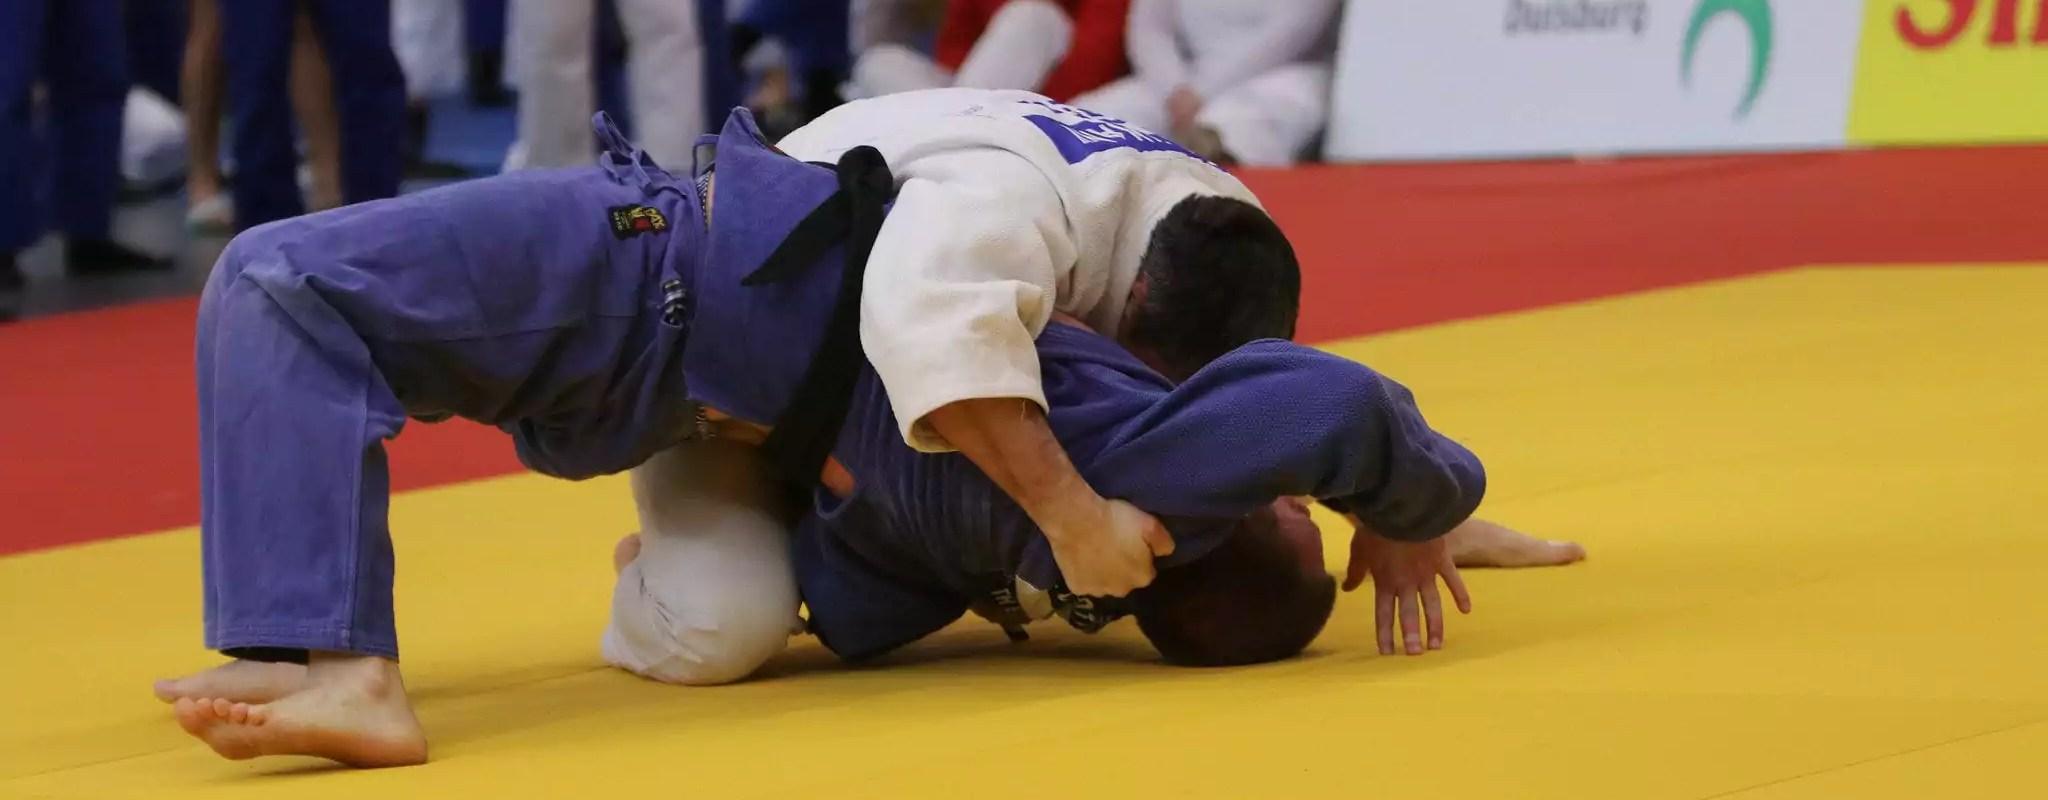 À Colmar, l'entraîneur de judo condamné a été reconduit puis décoré